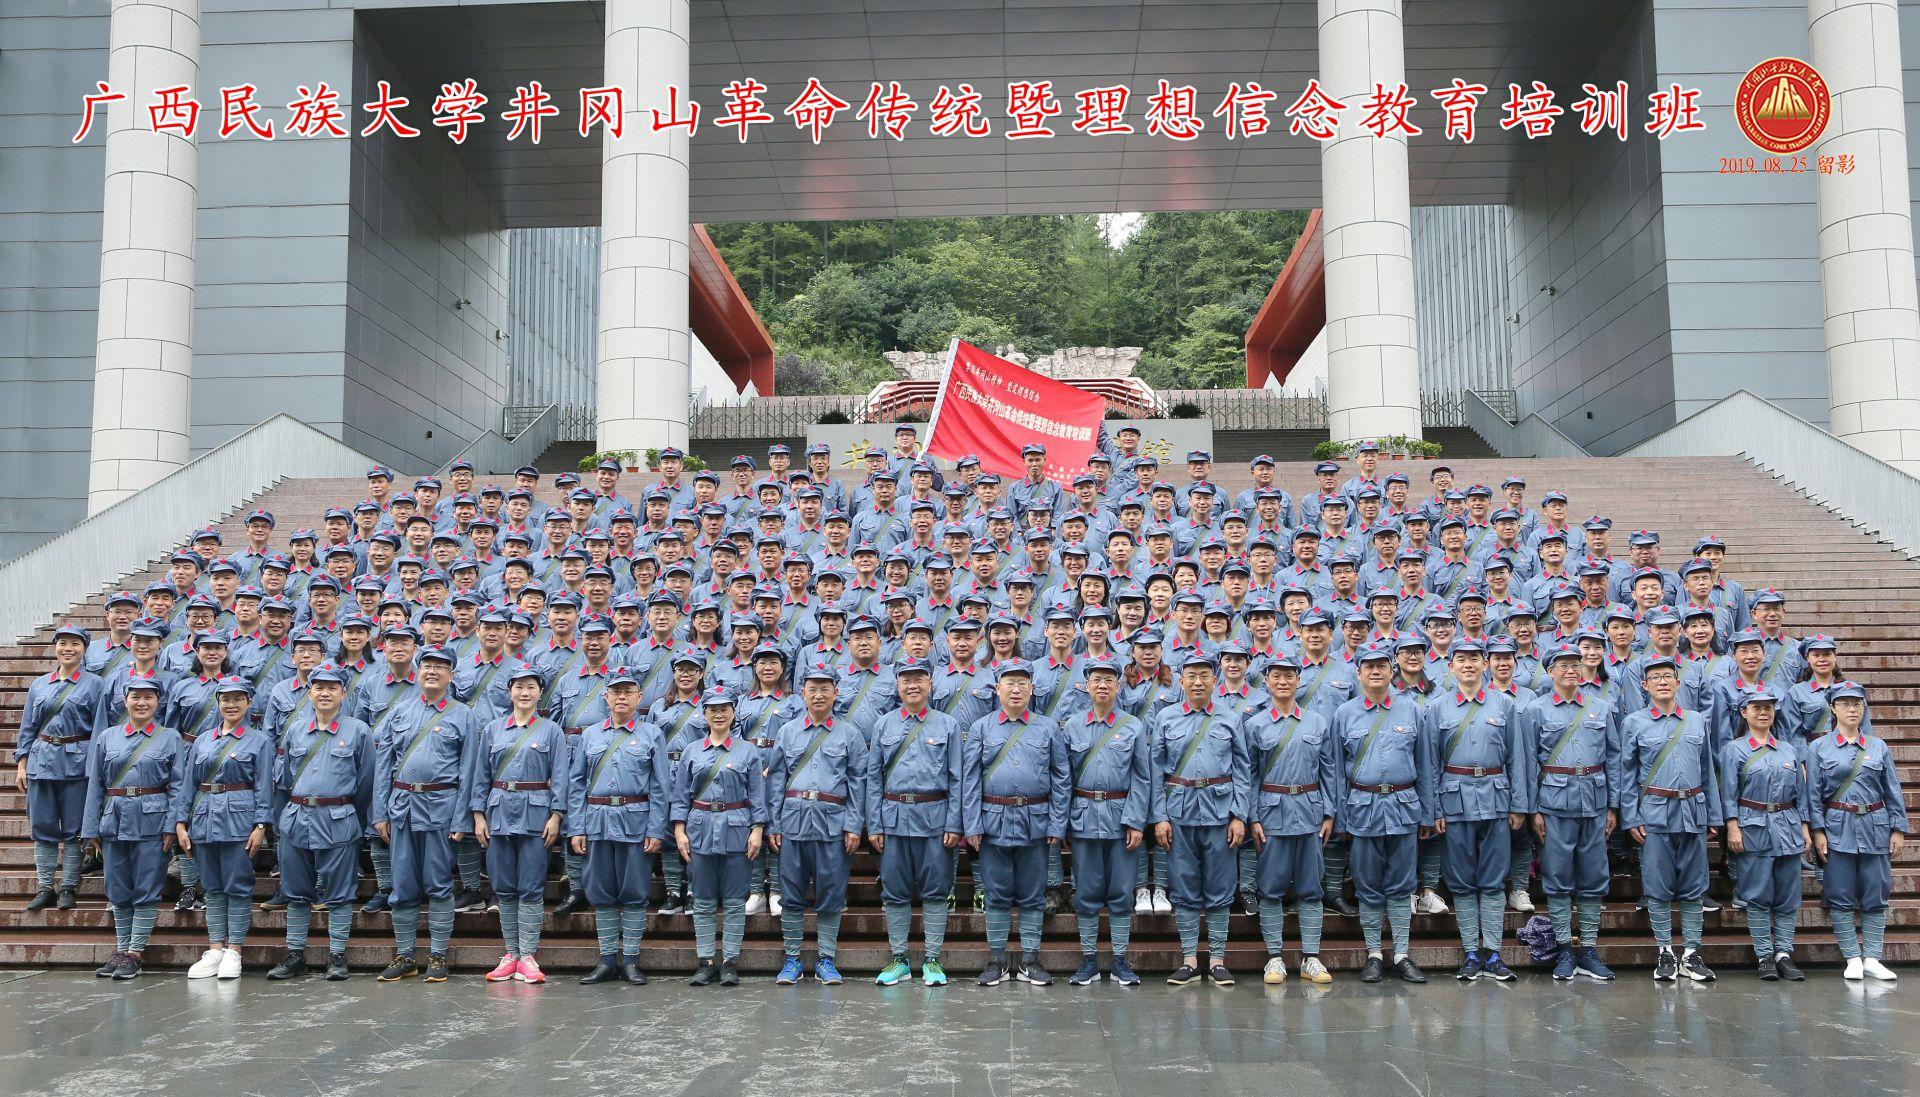 广西民族大学井冈山革命传统暨理想信念教育培训班